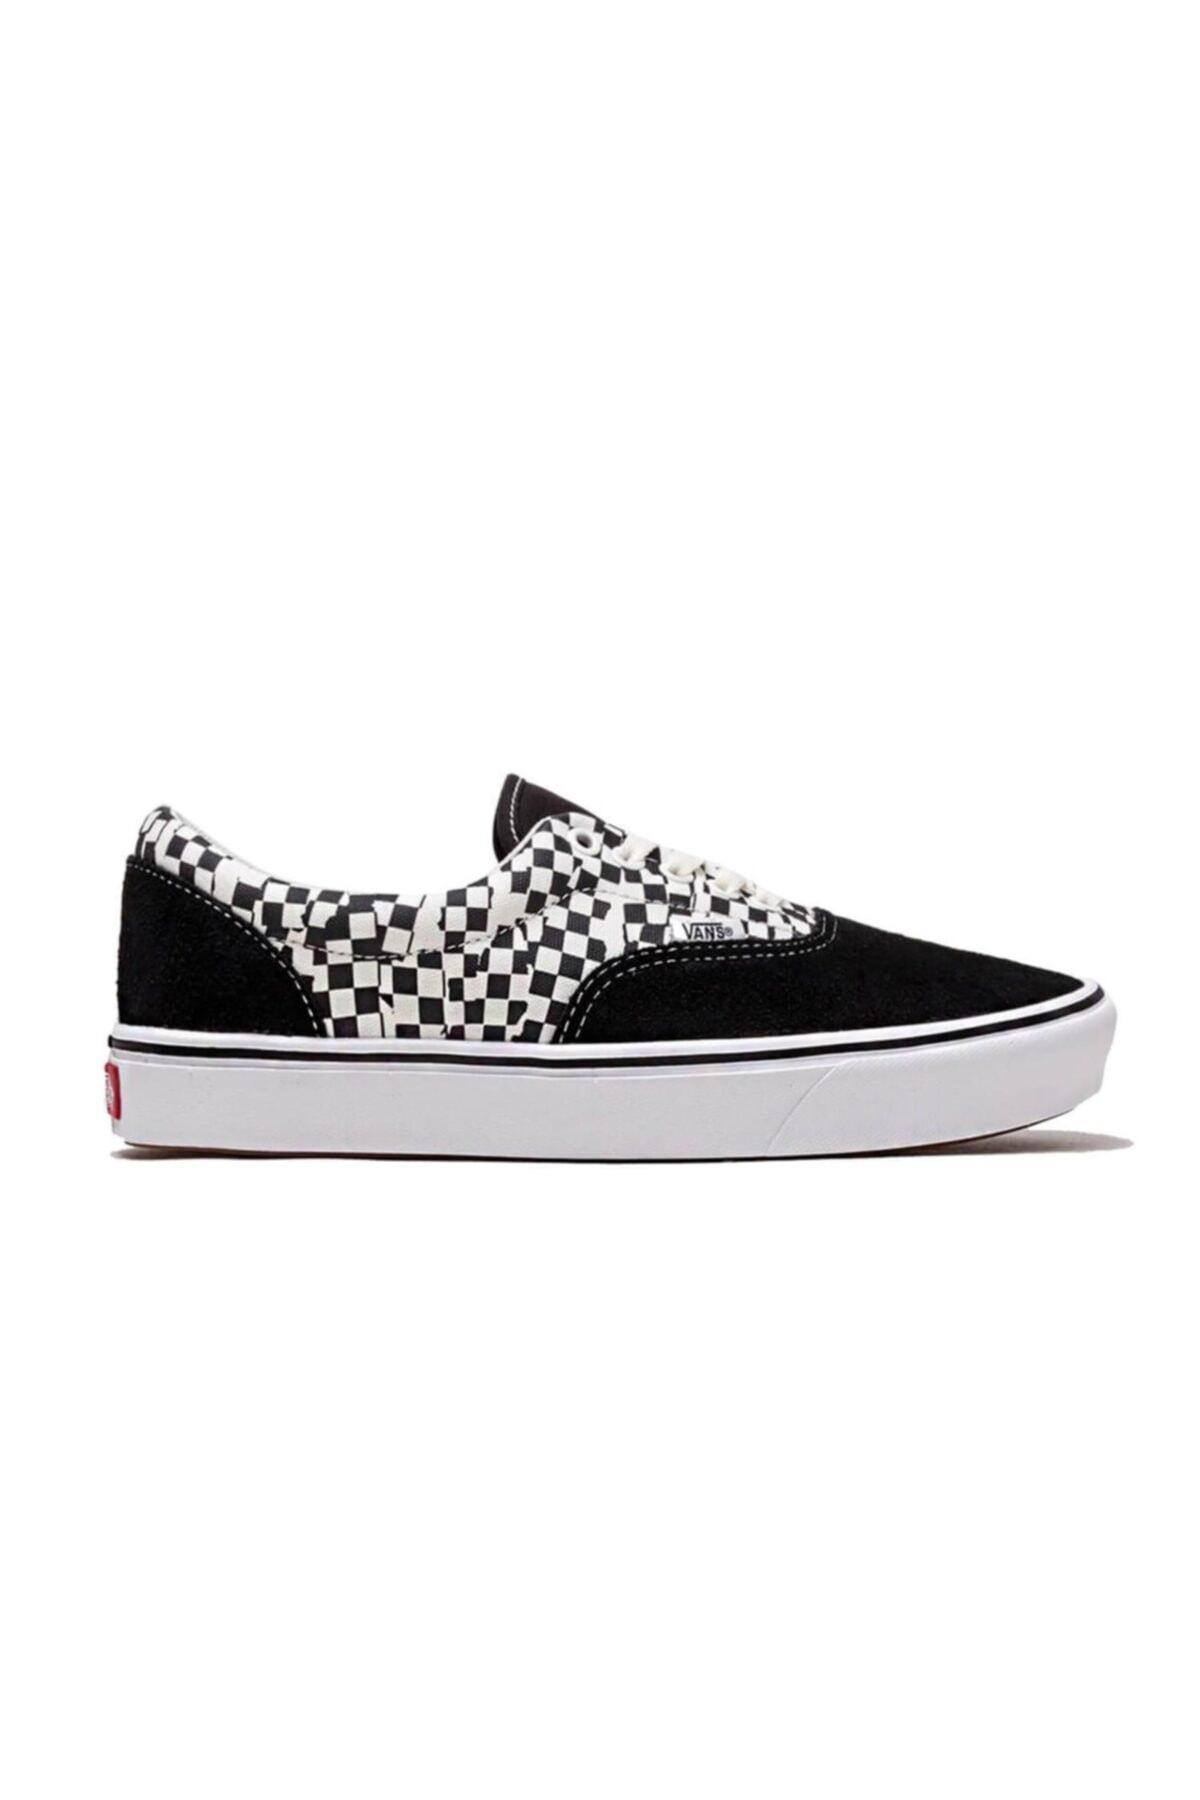 Vans Unisex Siyah Bağcıklı Casual Ayakkabı 1